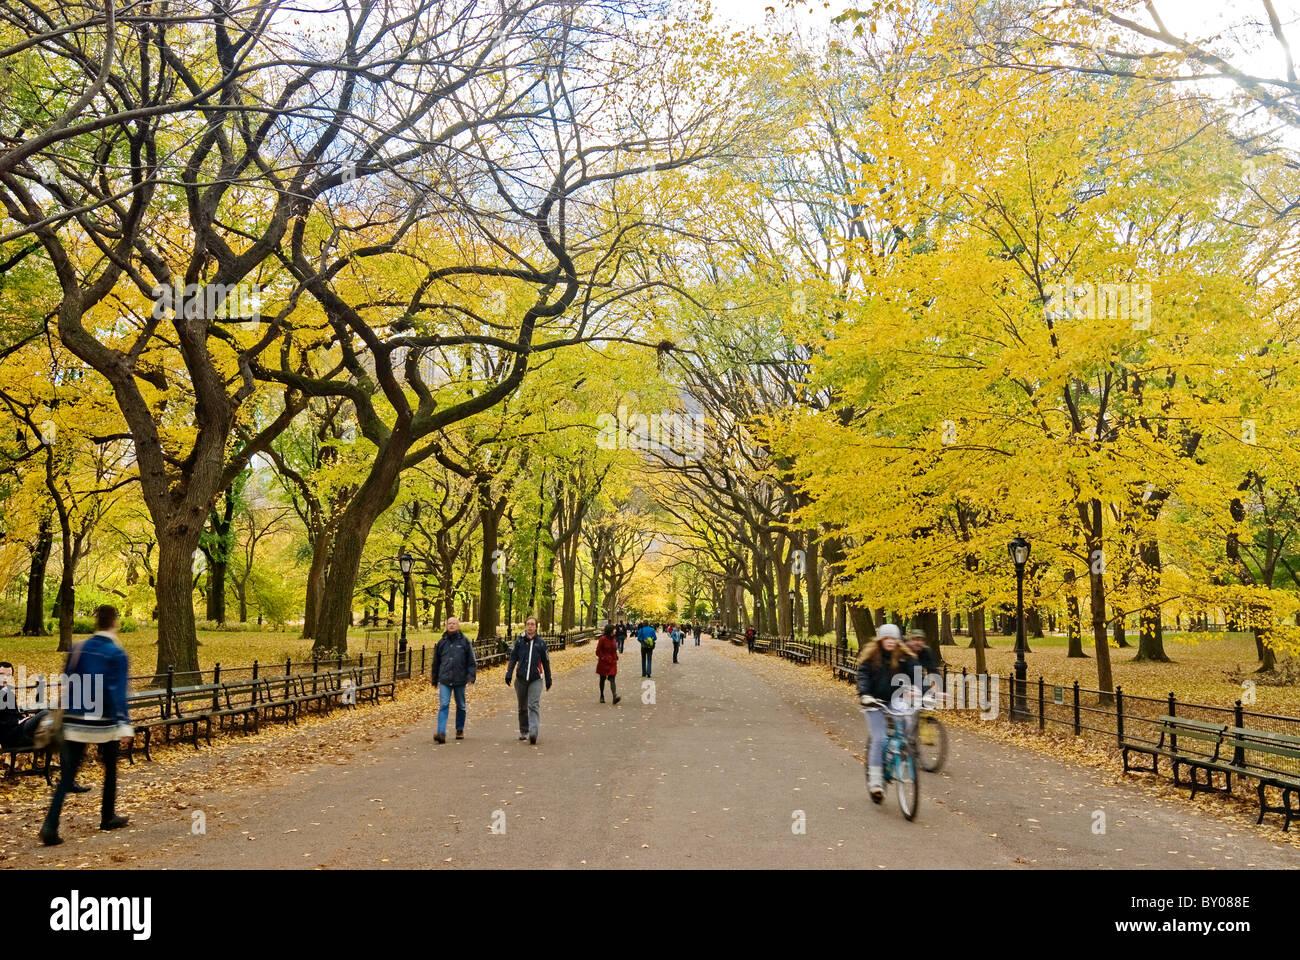 Menschen genießen die Mall im Central Park im Herbst, New York City. Stockbild